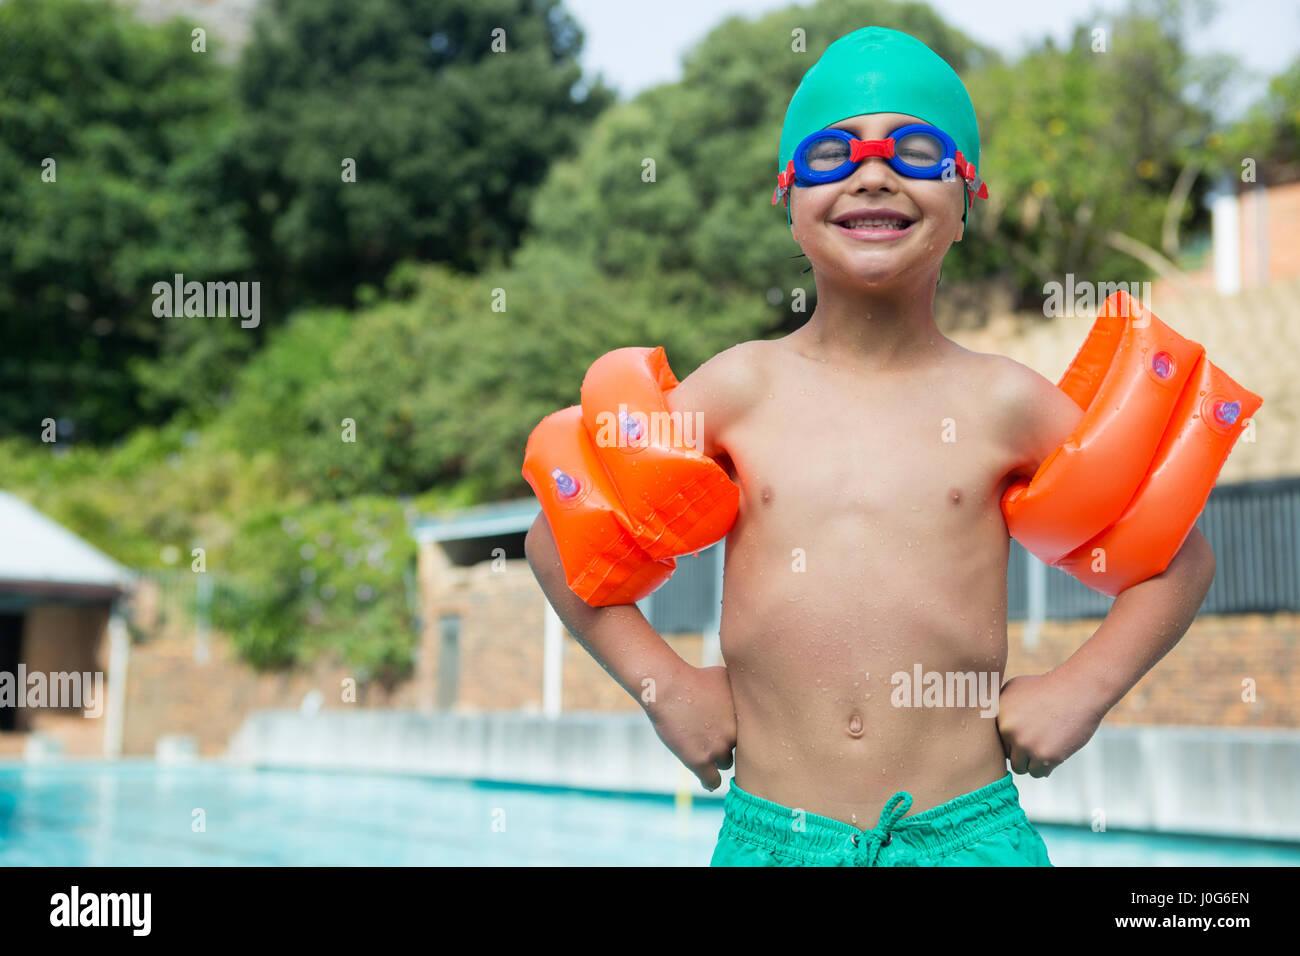 Ritratto di ragazzo indossa fascia braccio in piedi sul bordo della piscina Immagini Stock